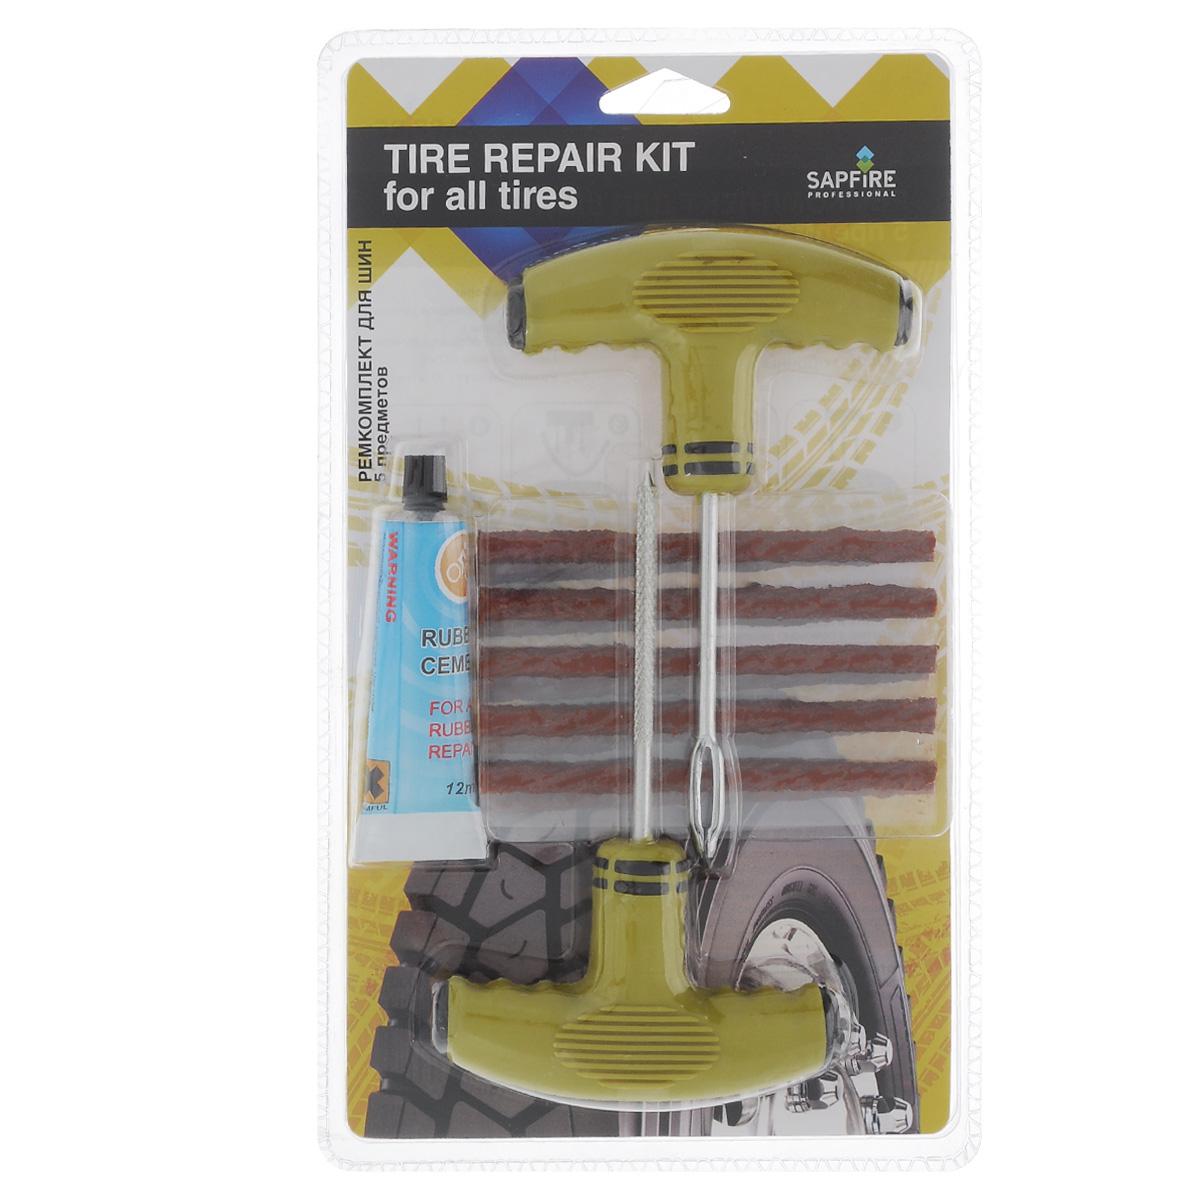 Ремкомплект для шин Sapfire, 5 предметовCRC-101258/1TPAA00001Ремкомплект Sapfire предназначен для оперативного ремонта прокола колеса в дороге и дает возможность доехать до шиномонтажного центра.В набор входят рашпиль и шило с ушком с удобными Т-образными ручками, цемент резины — 12 мл и 10 резиновых жгутов.